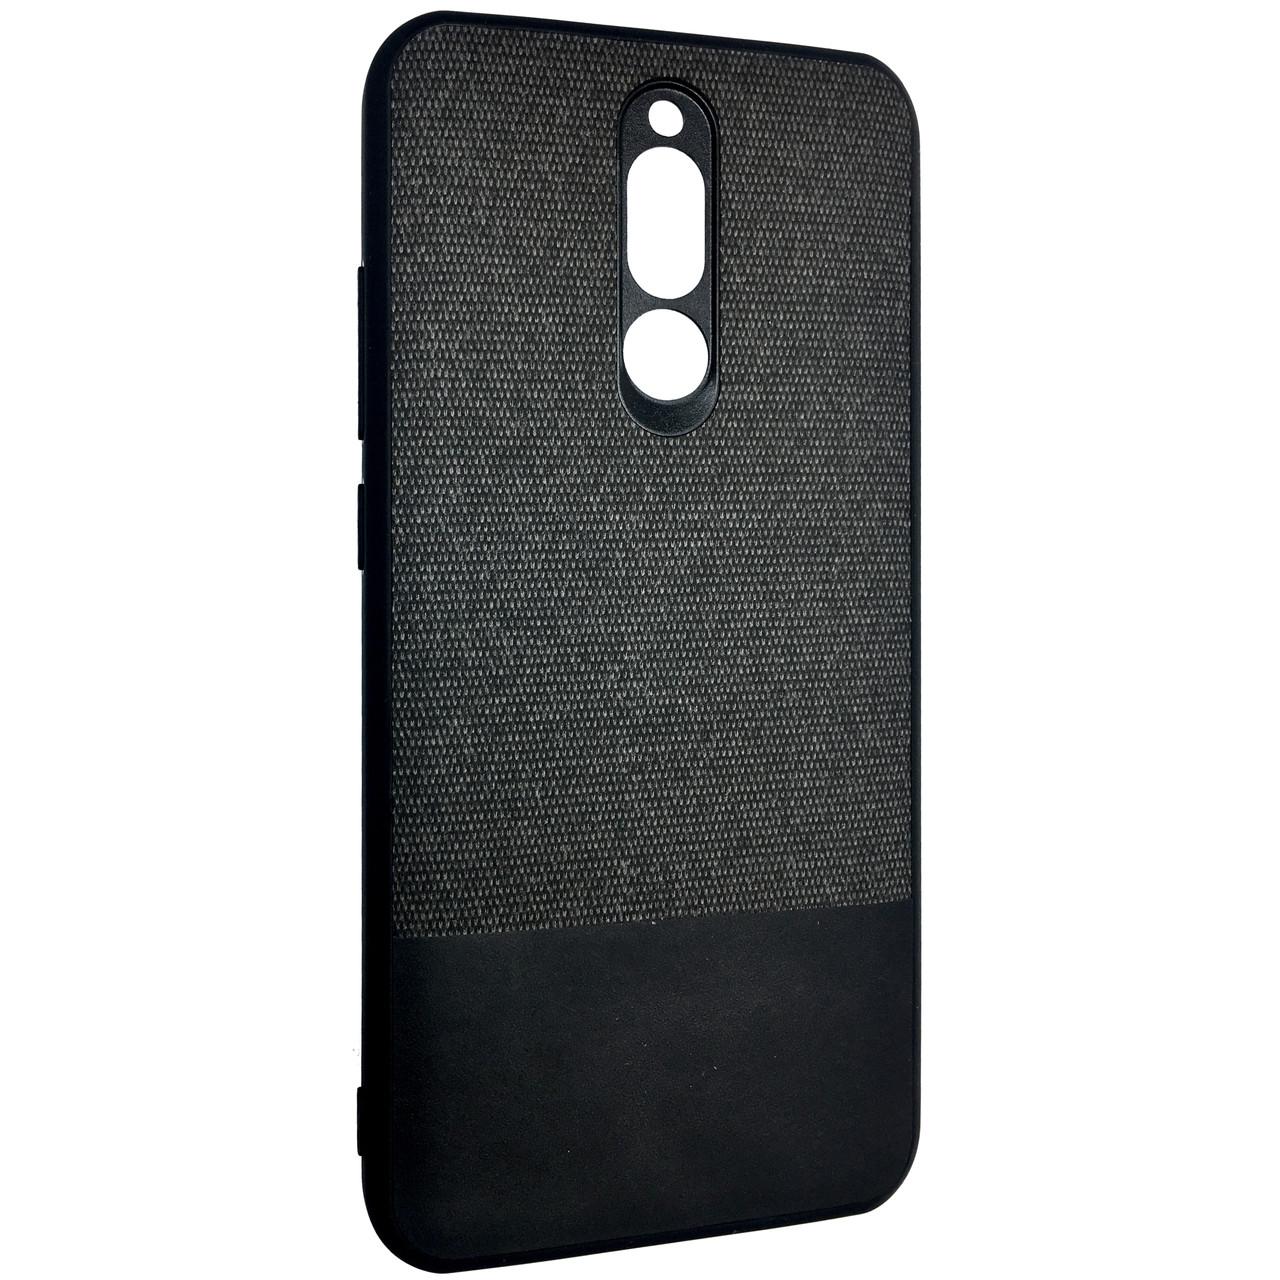 Чехол DK Silicone Form Fabric Cotton Xiaomi Redmi 8 (black)